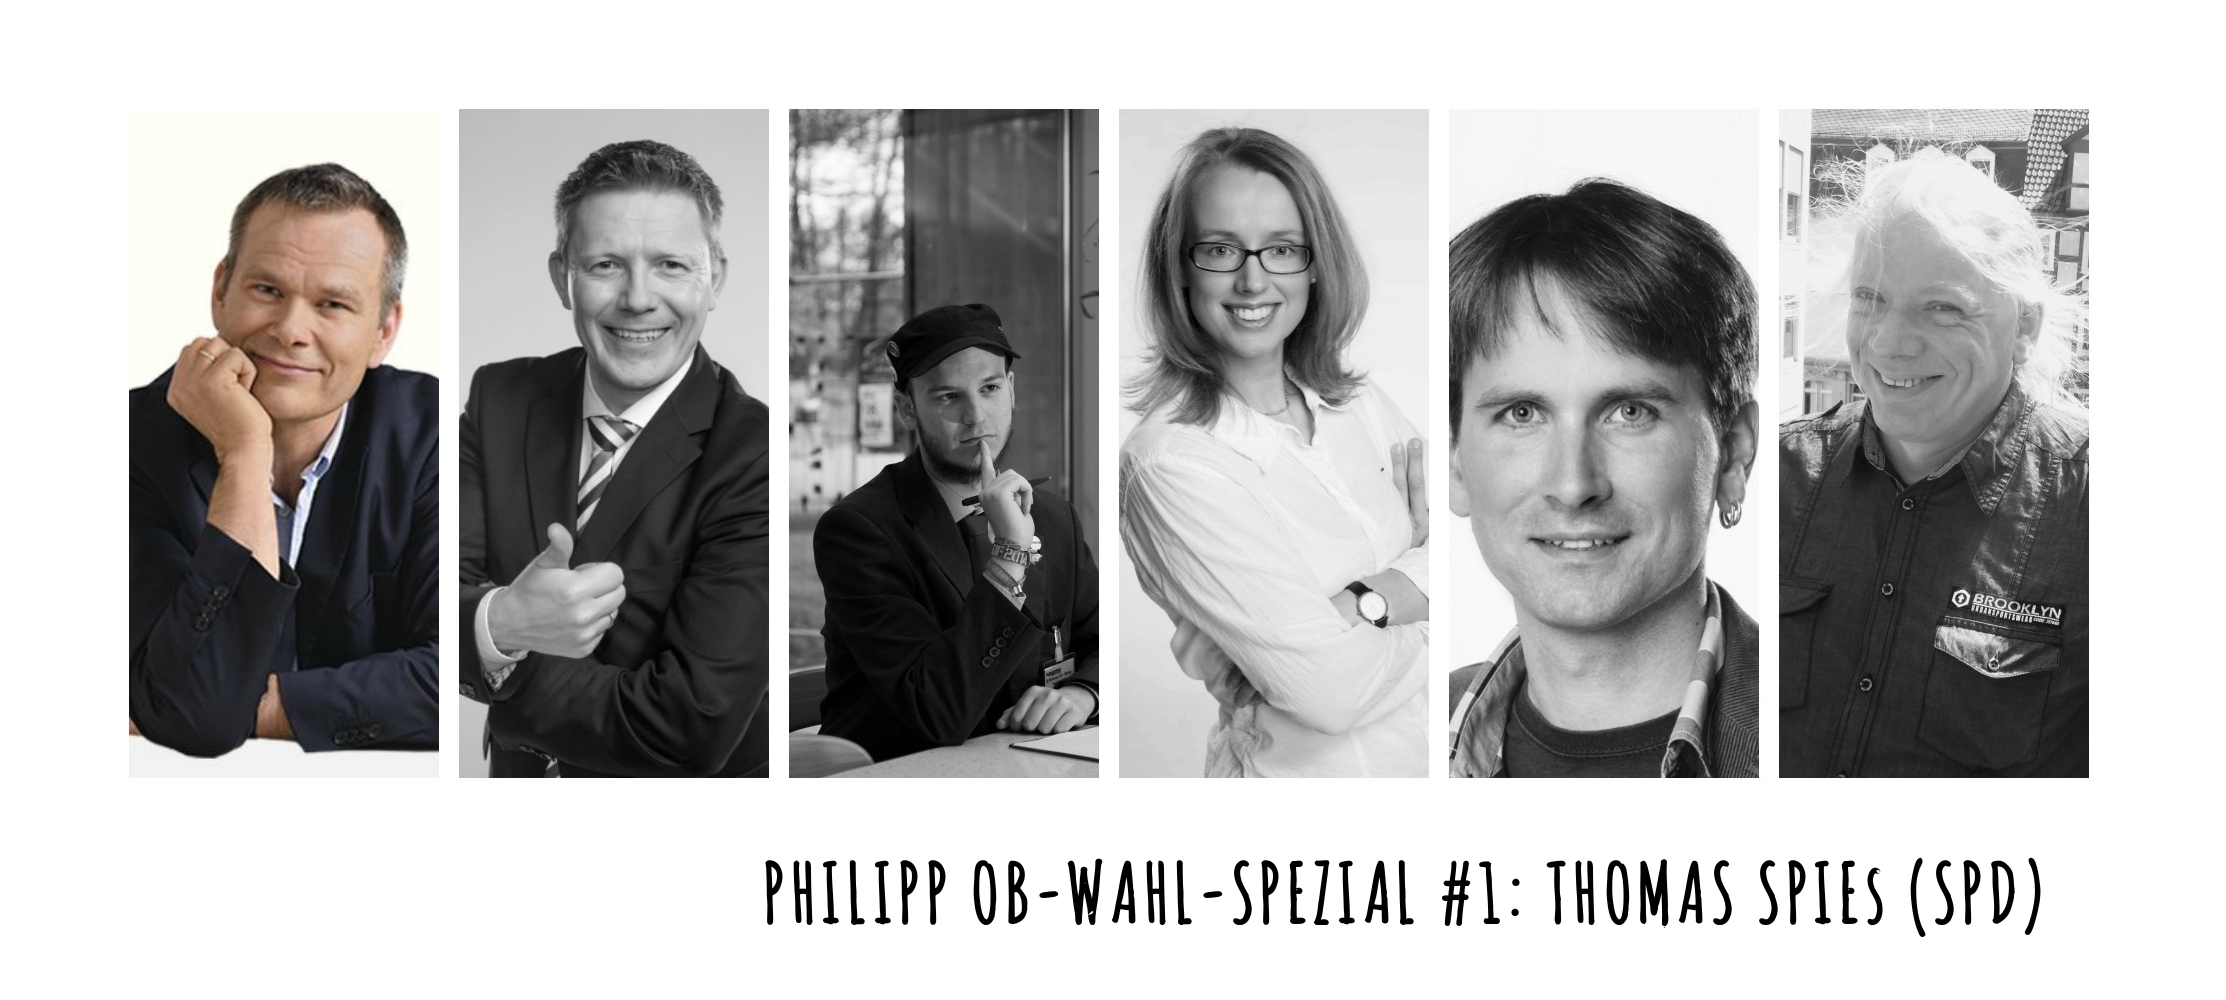 OB-Wahl-2015-Spezial #1: Thomas Spieß (SPD)